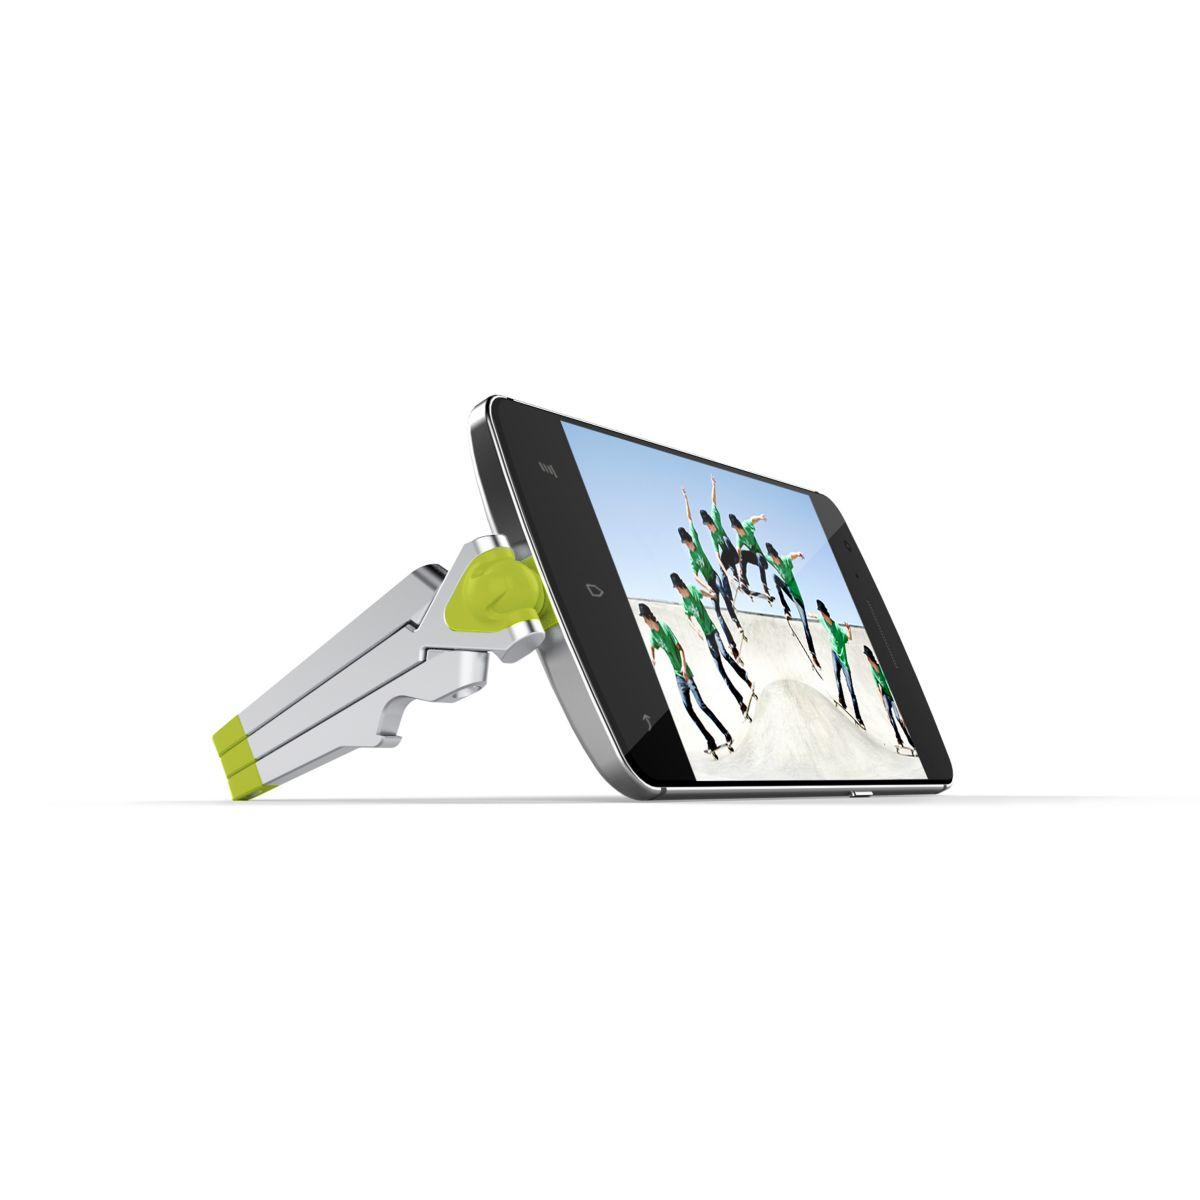 Support kenu stance trepied micro usb pour smartphone - 20% de remise immédiate avec le code : multi20